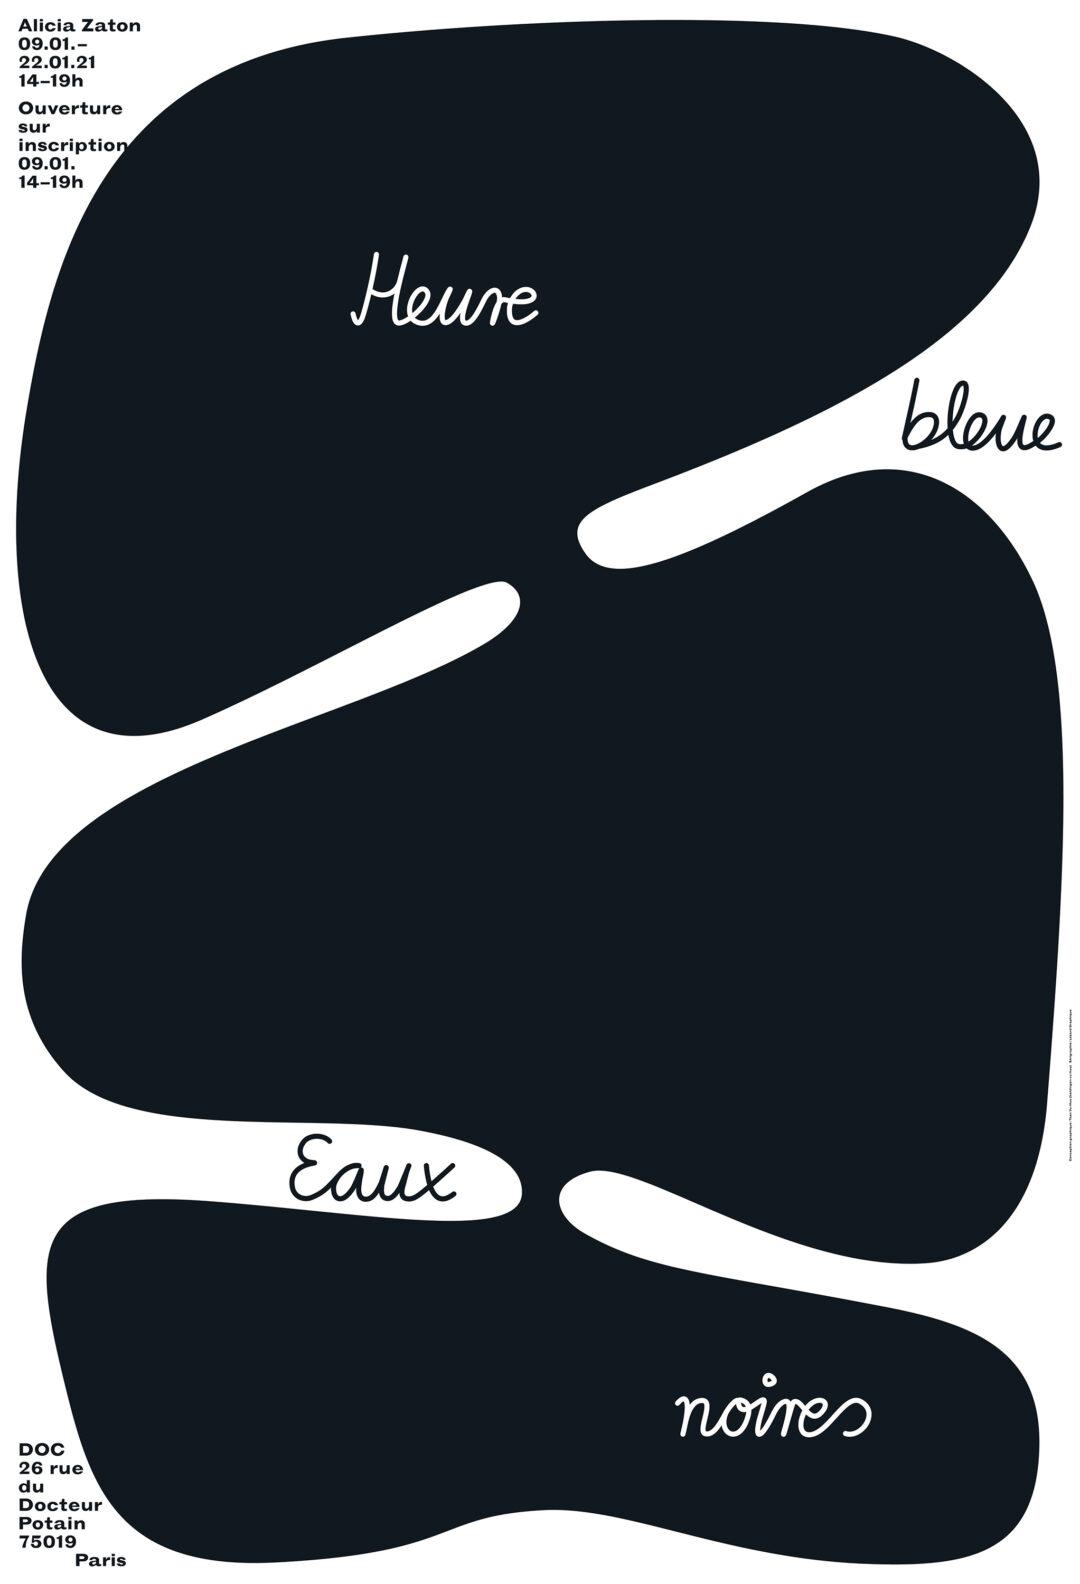 Heure Bleue Eaux Noires – Exposition d'Alicia Zaton